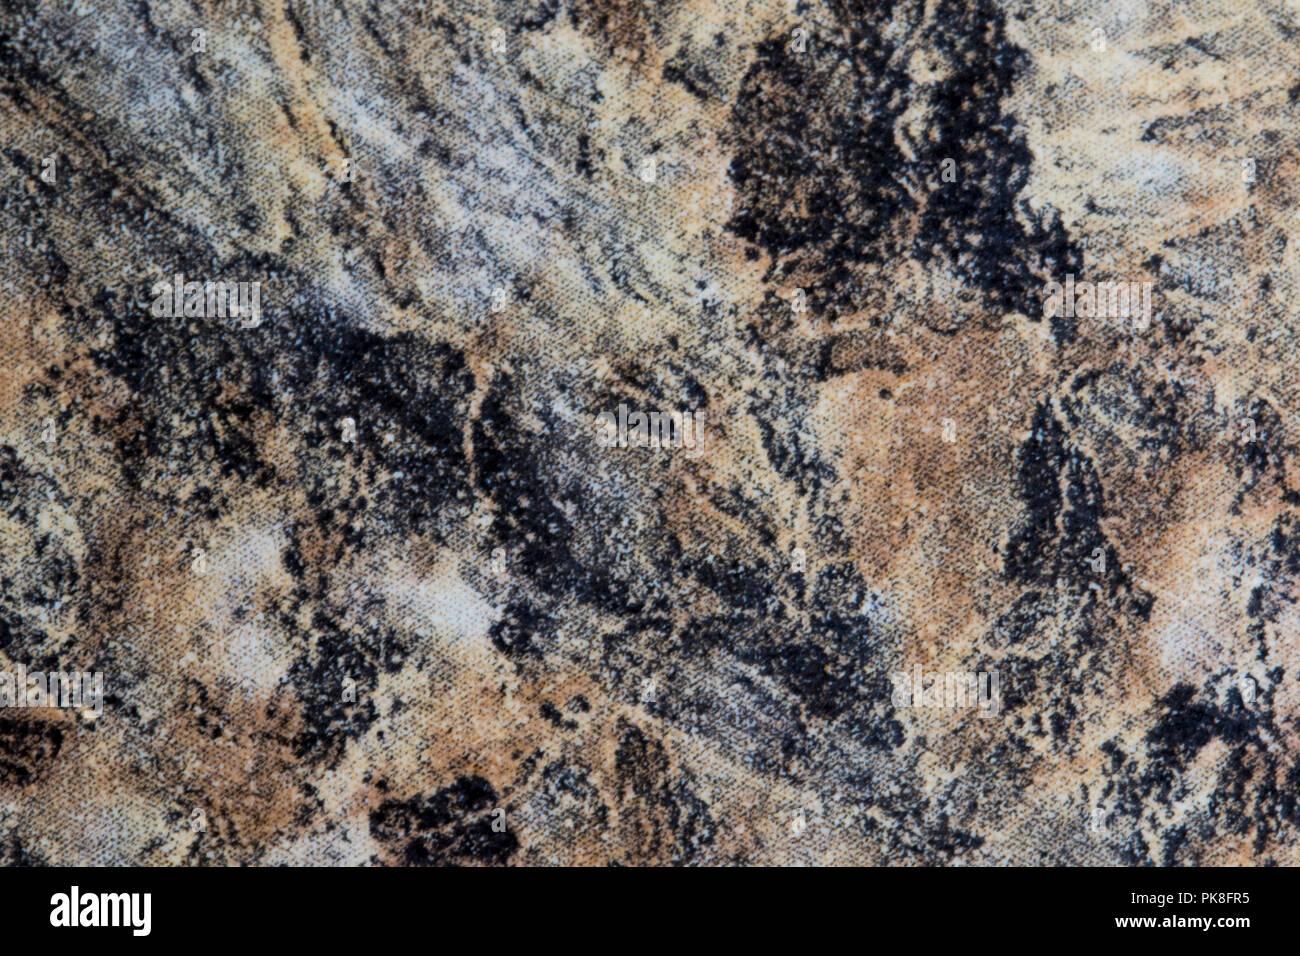 Roca de mármol cerca de la superficie. Piedra de granito natural elemento de diseño. Recurso gráfico de material de piedra. Foto de stock